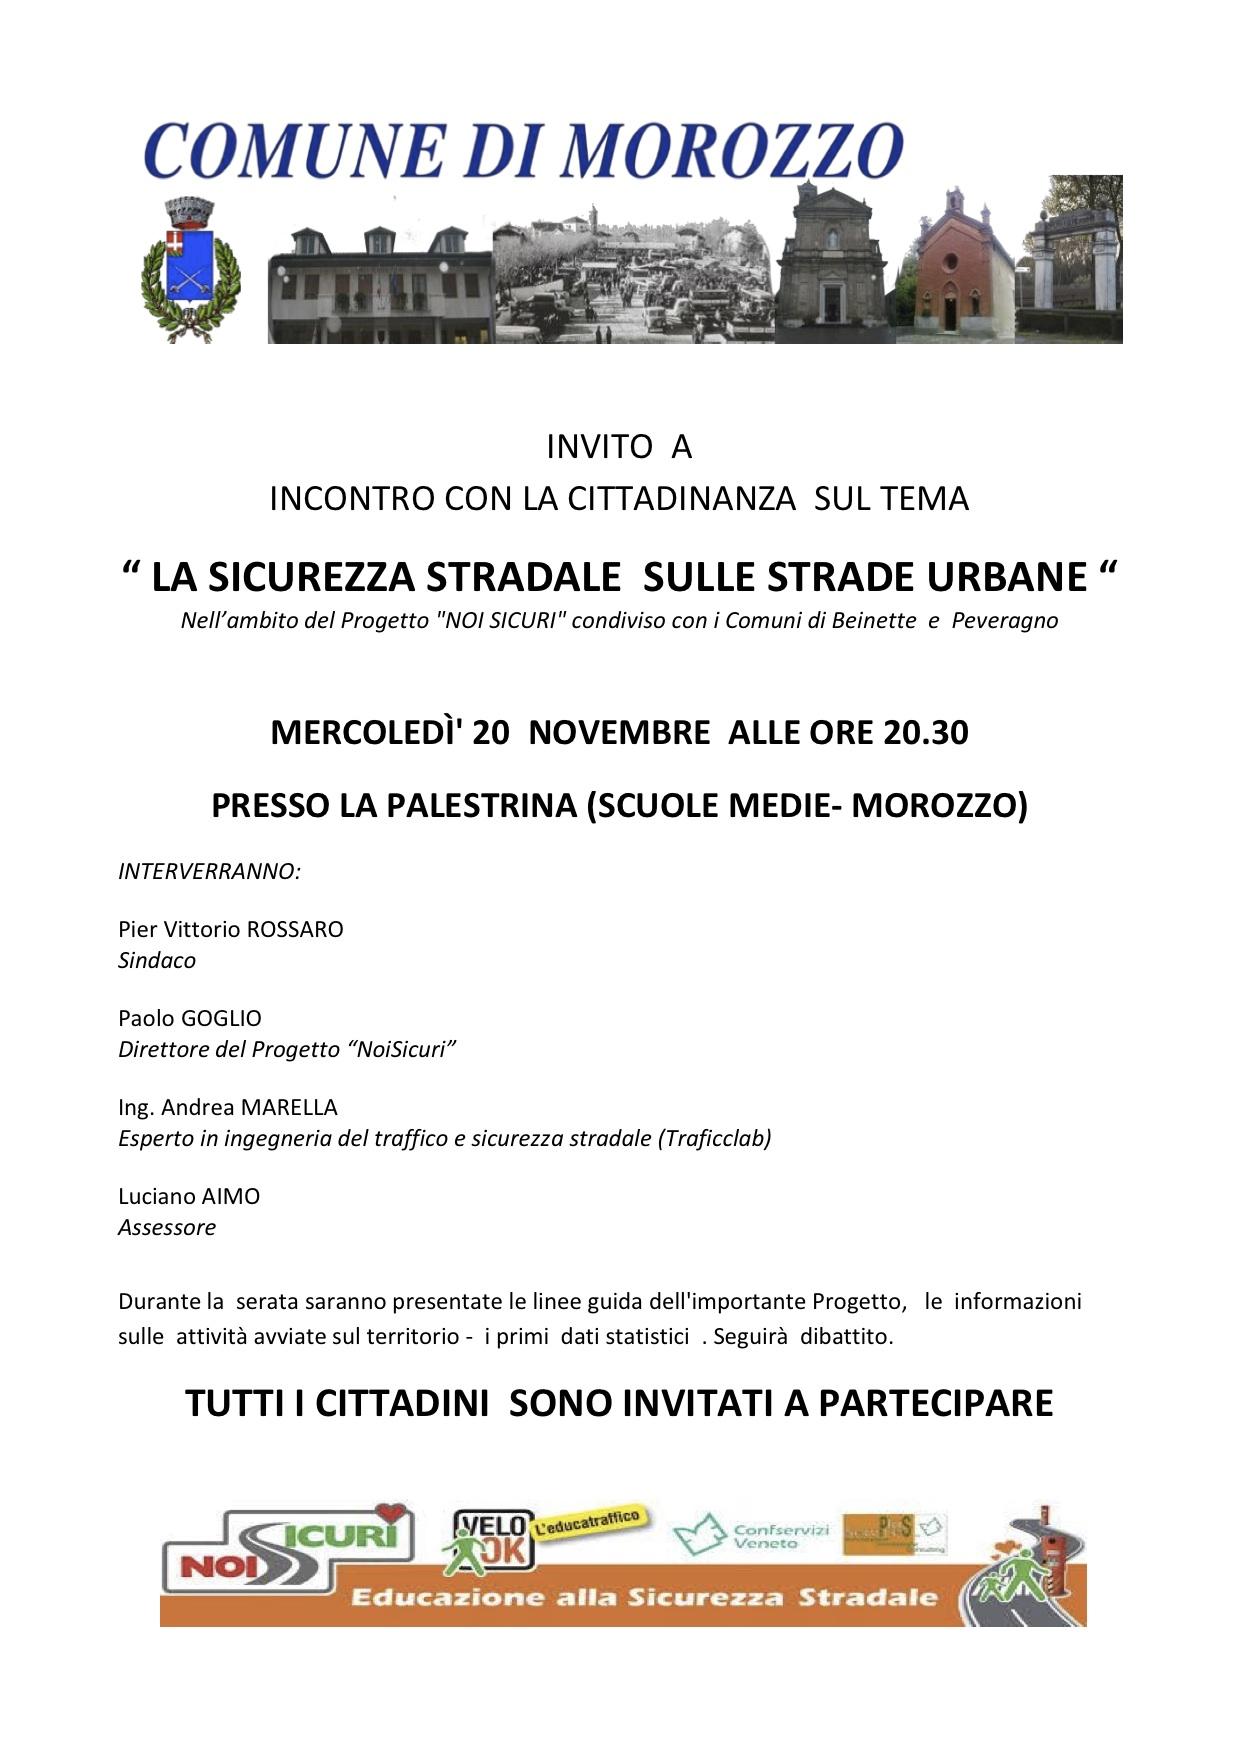 sito incontri italiano verro Caltanissetta